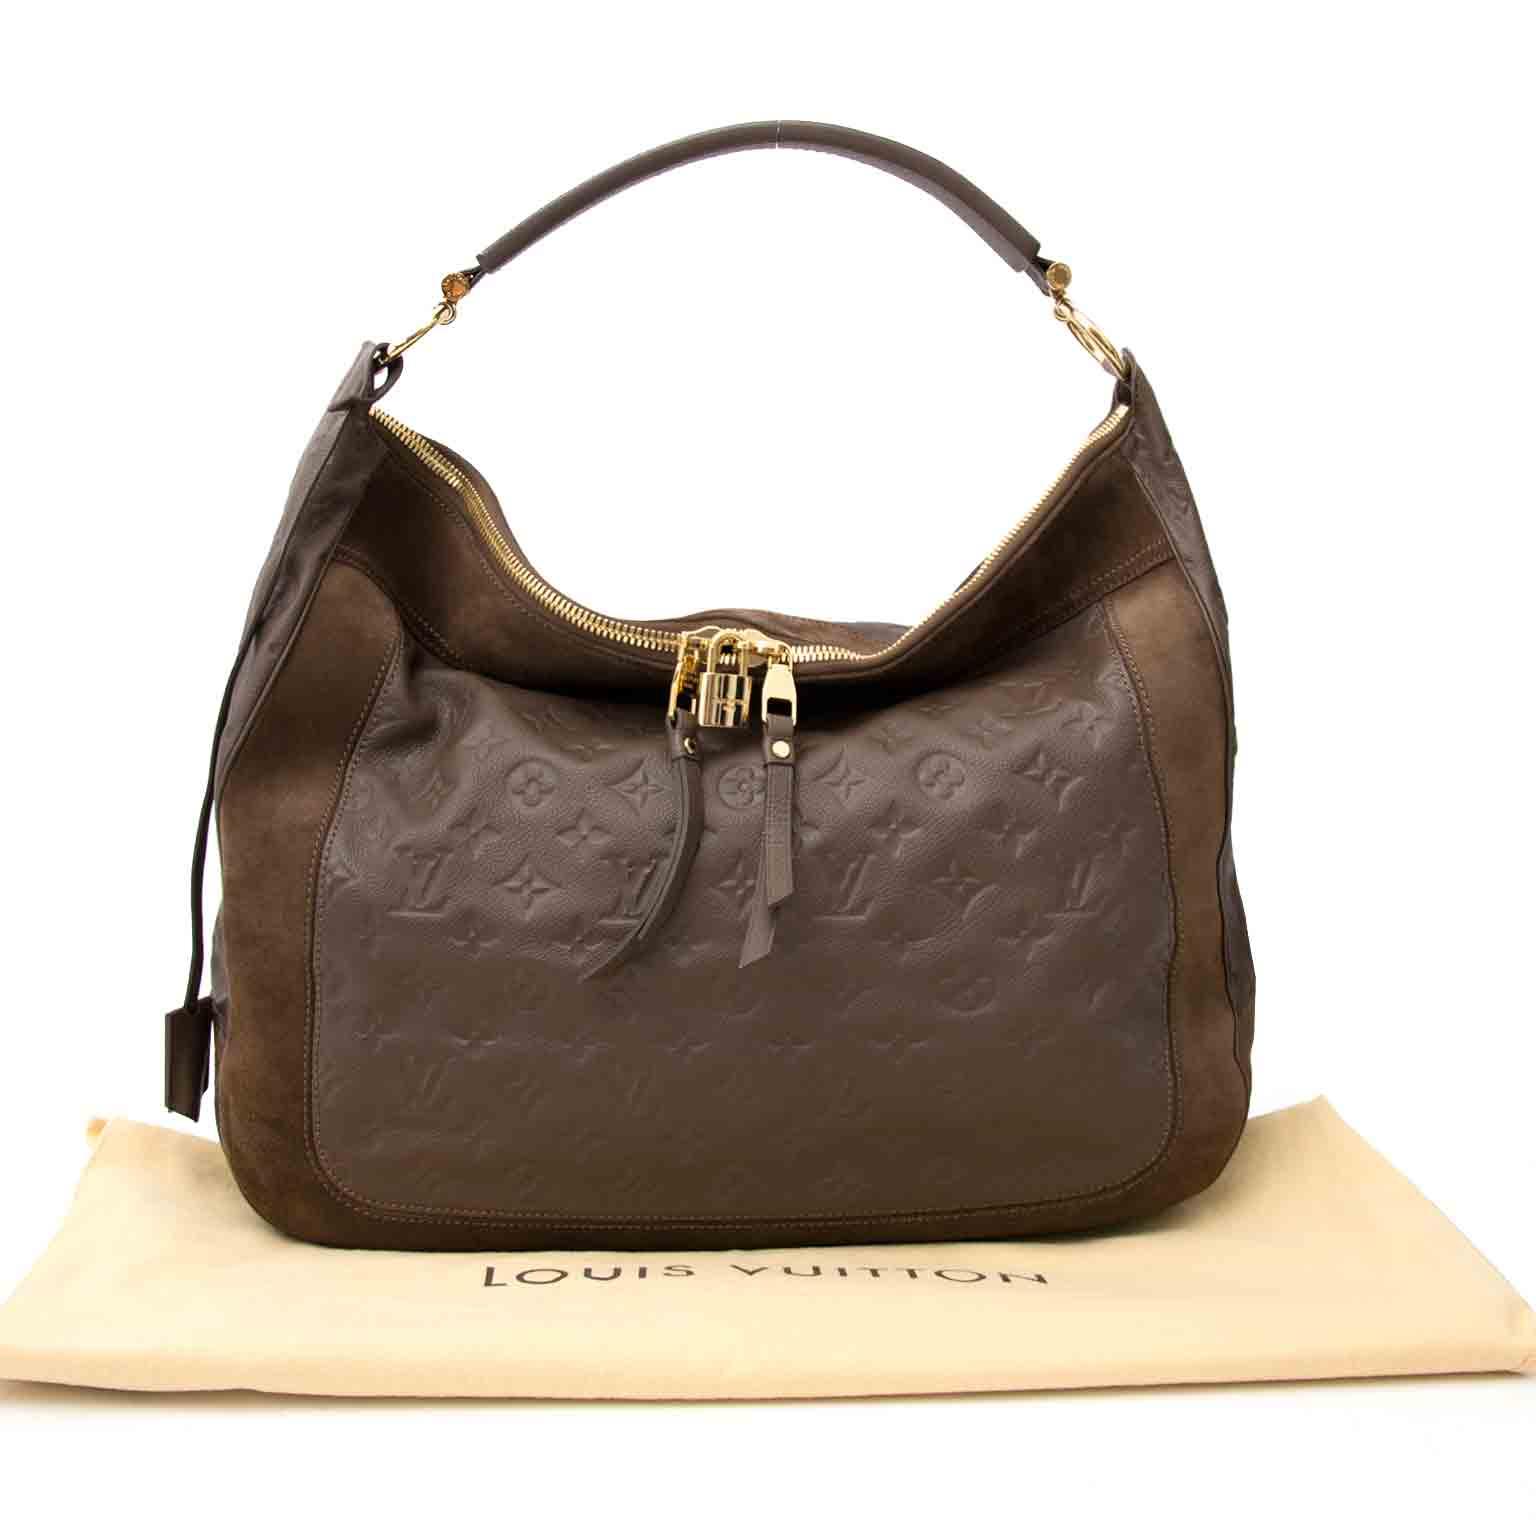 Acheter en ligne chez Labellov.com Louis Vuitton Brown Audacieuse Empreinte GM Bag